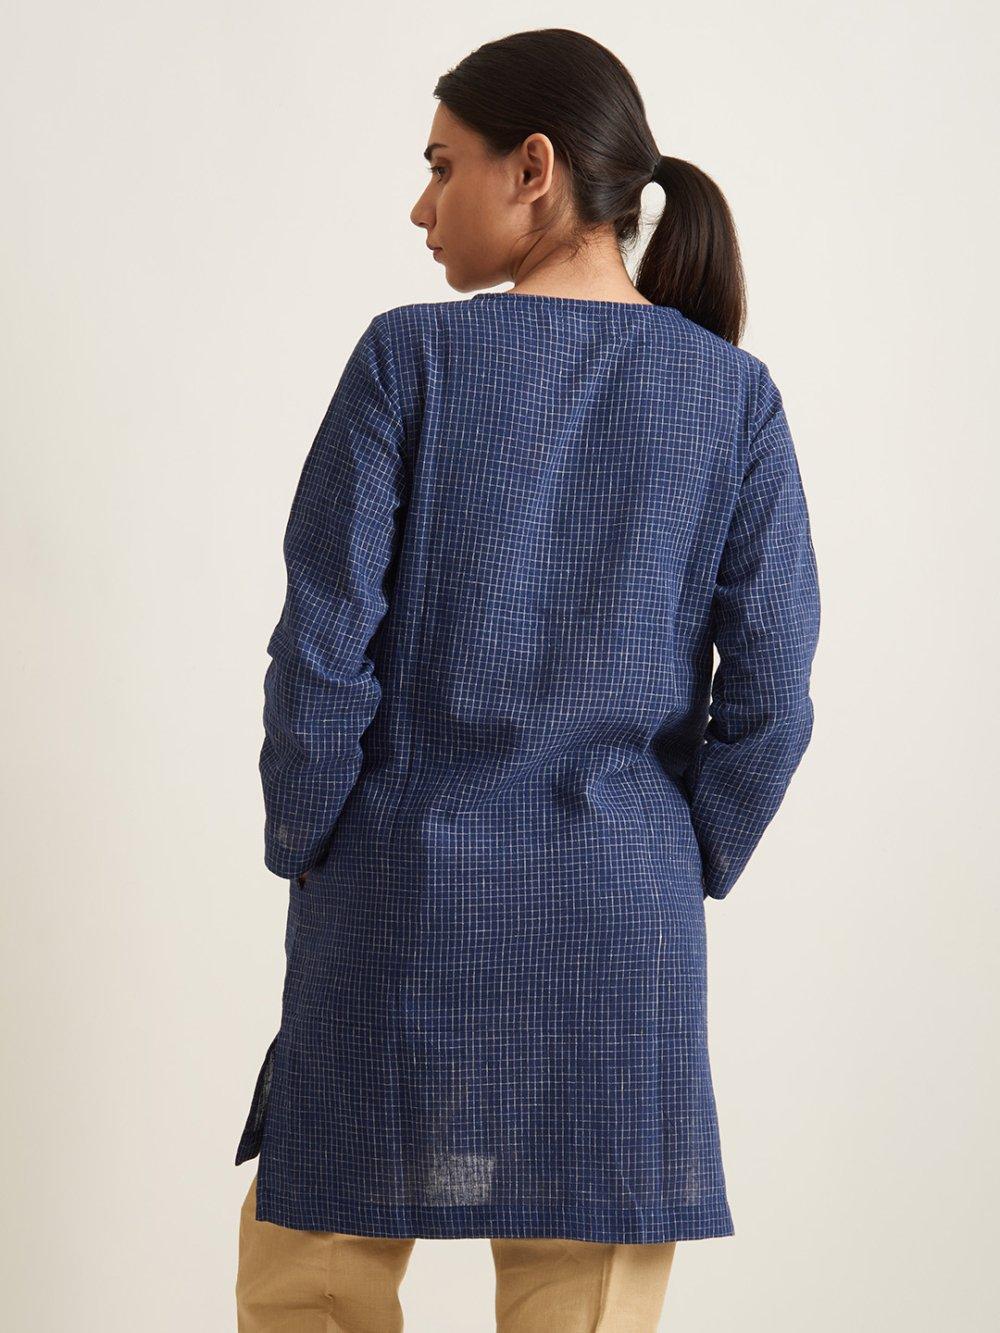 Organic Clothing Linen Women Kurti